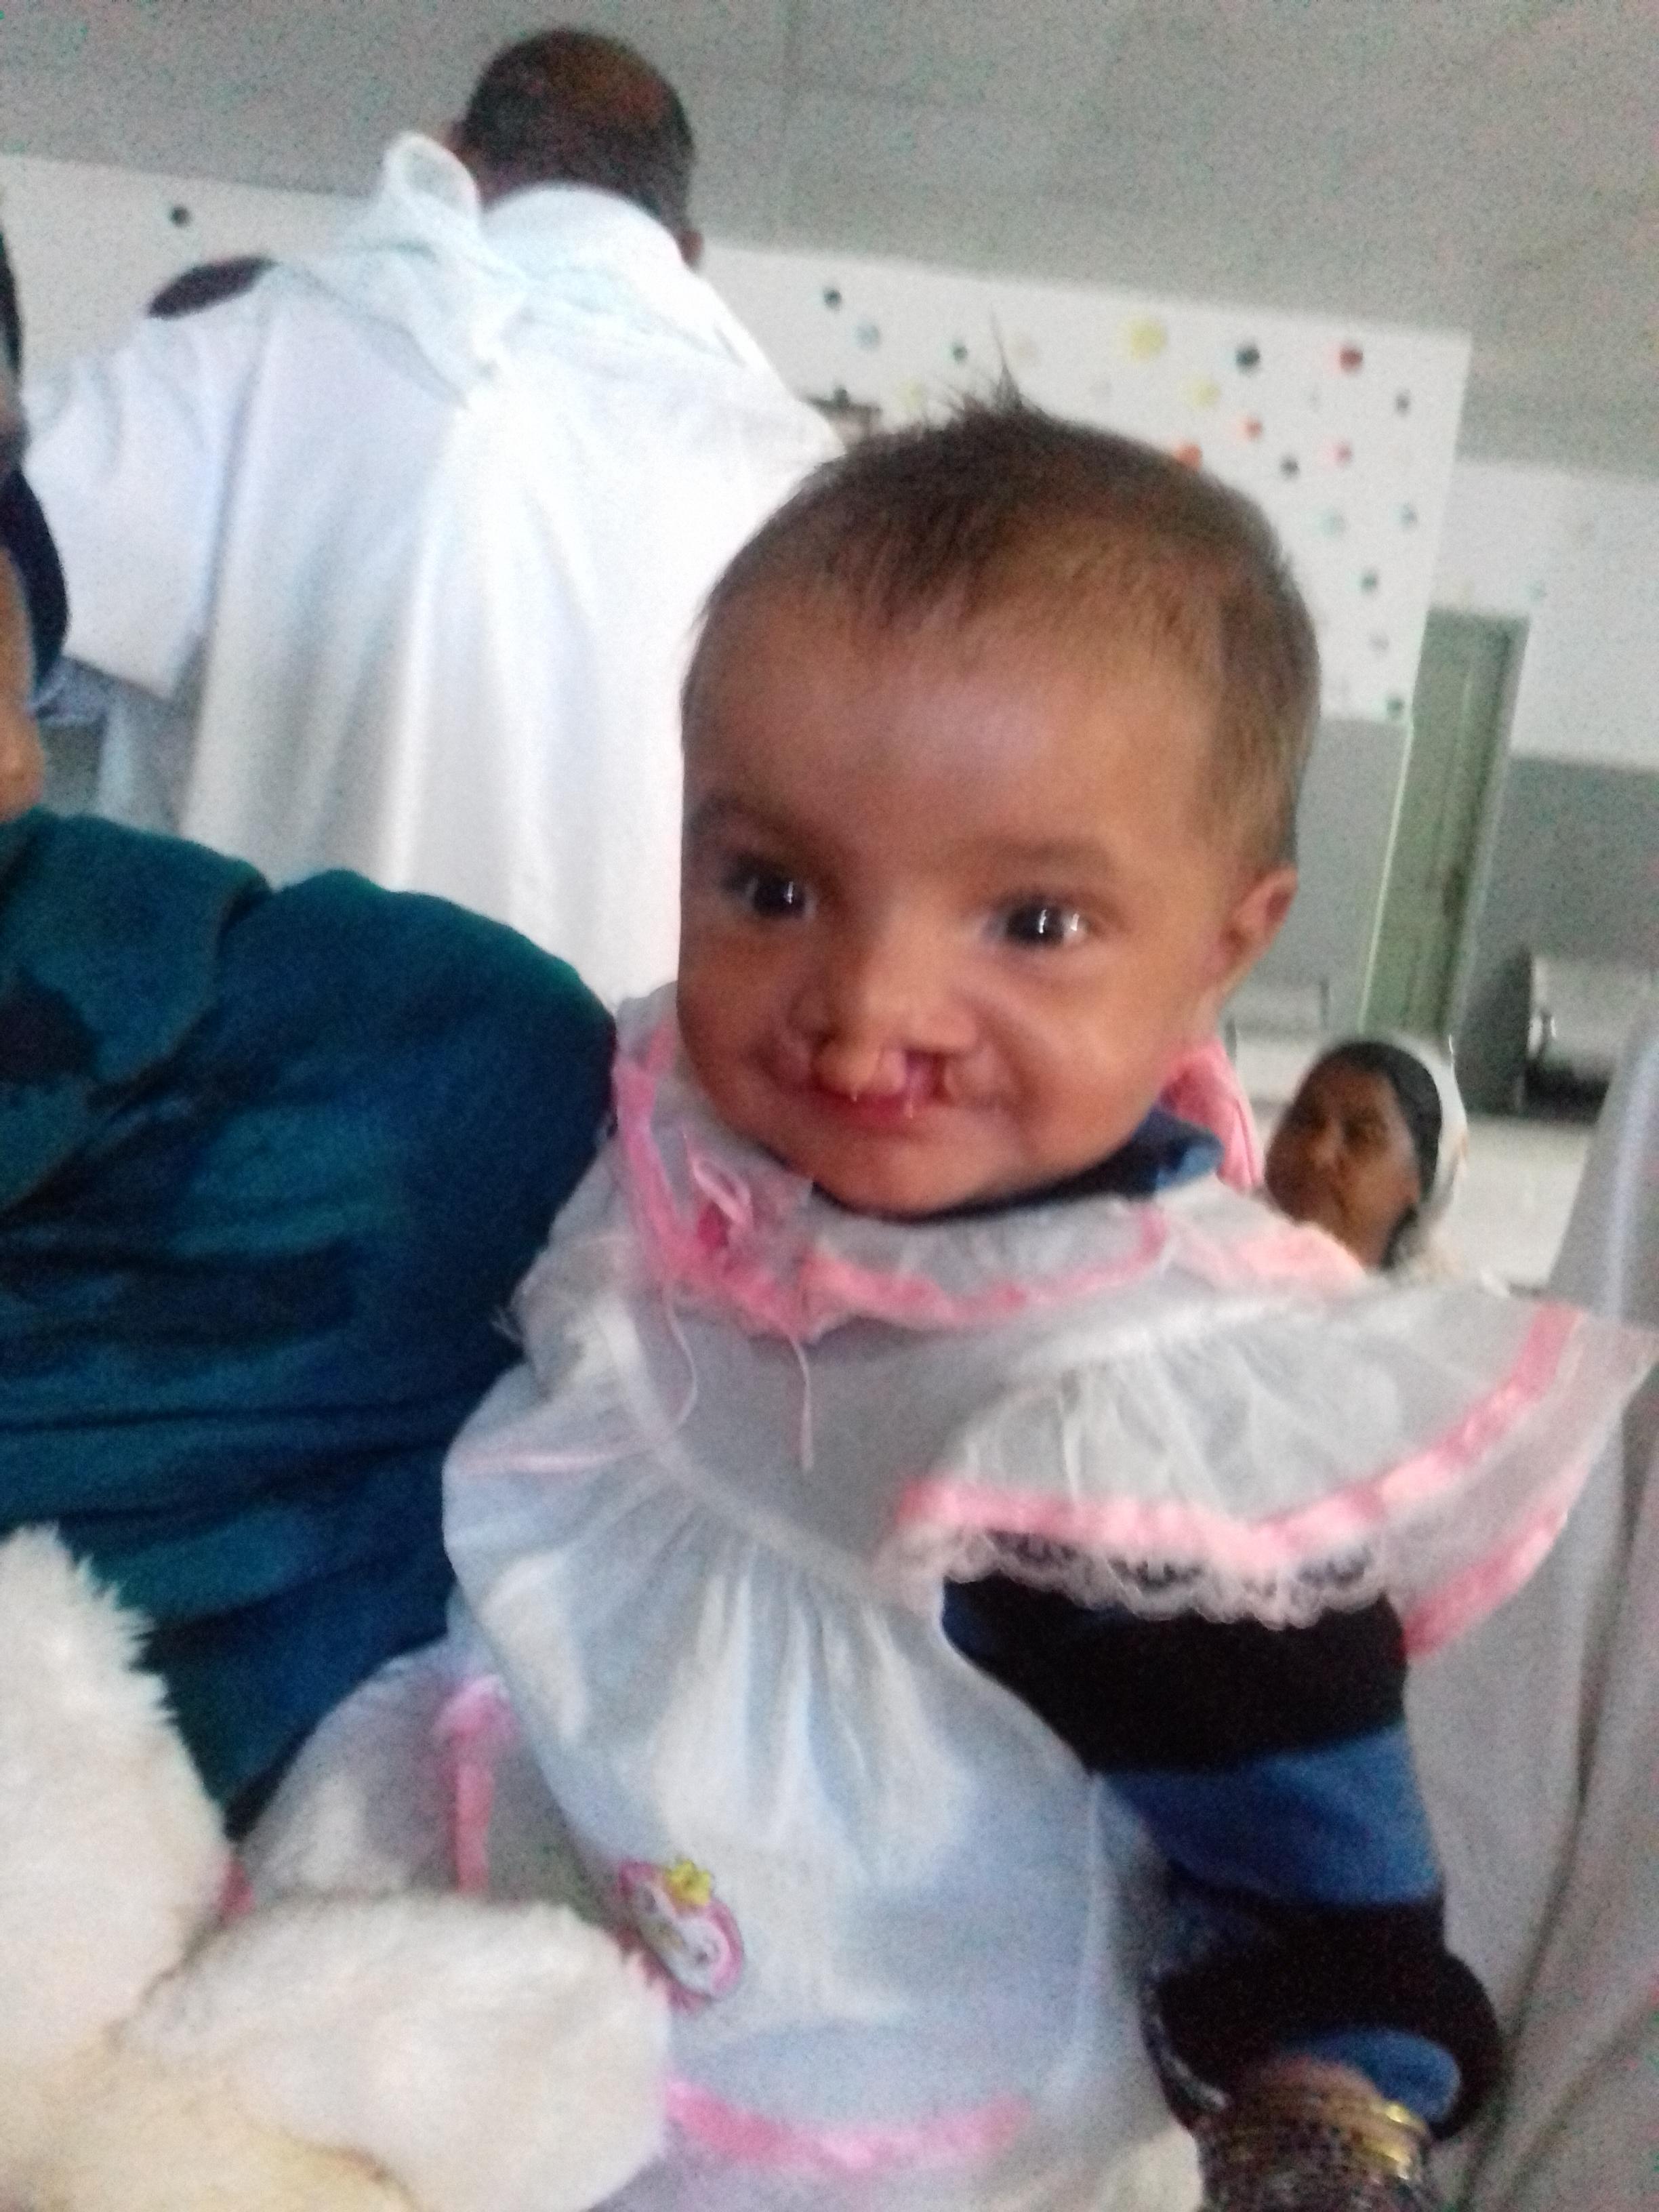 Hajra Noor is just 10 months old